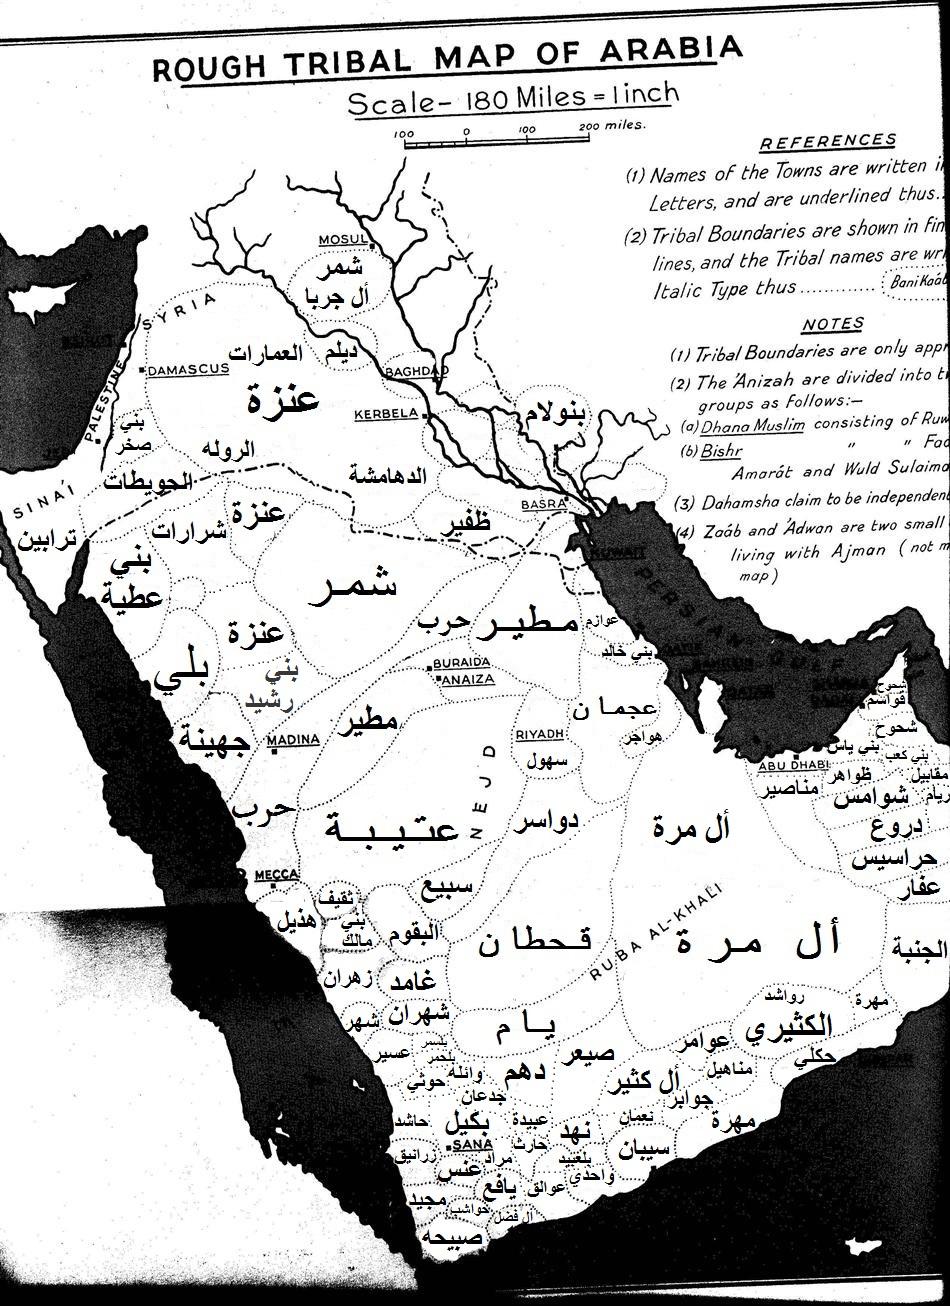 خريطة قبائل اليمن منتديات جازان